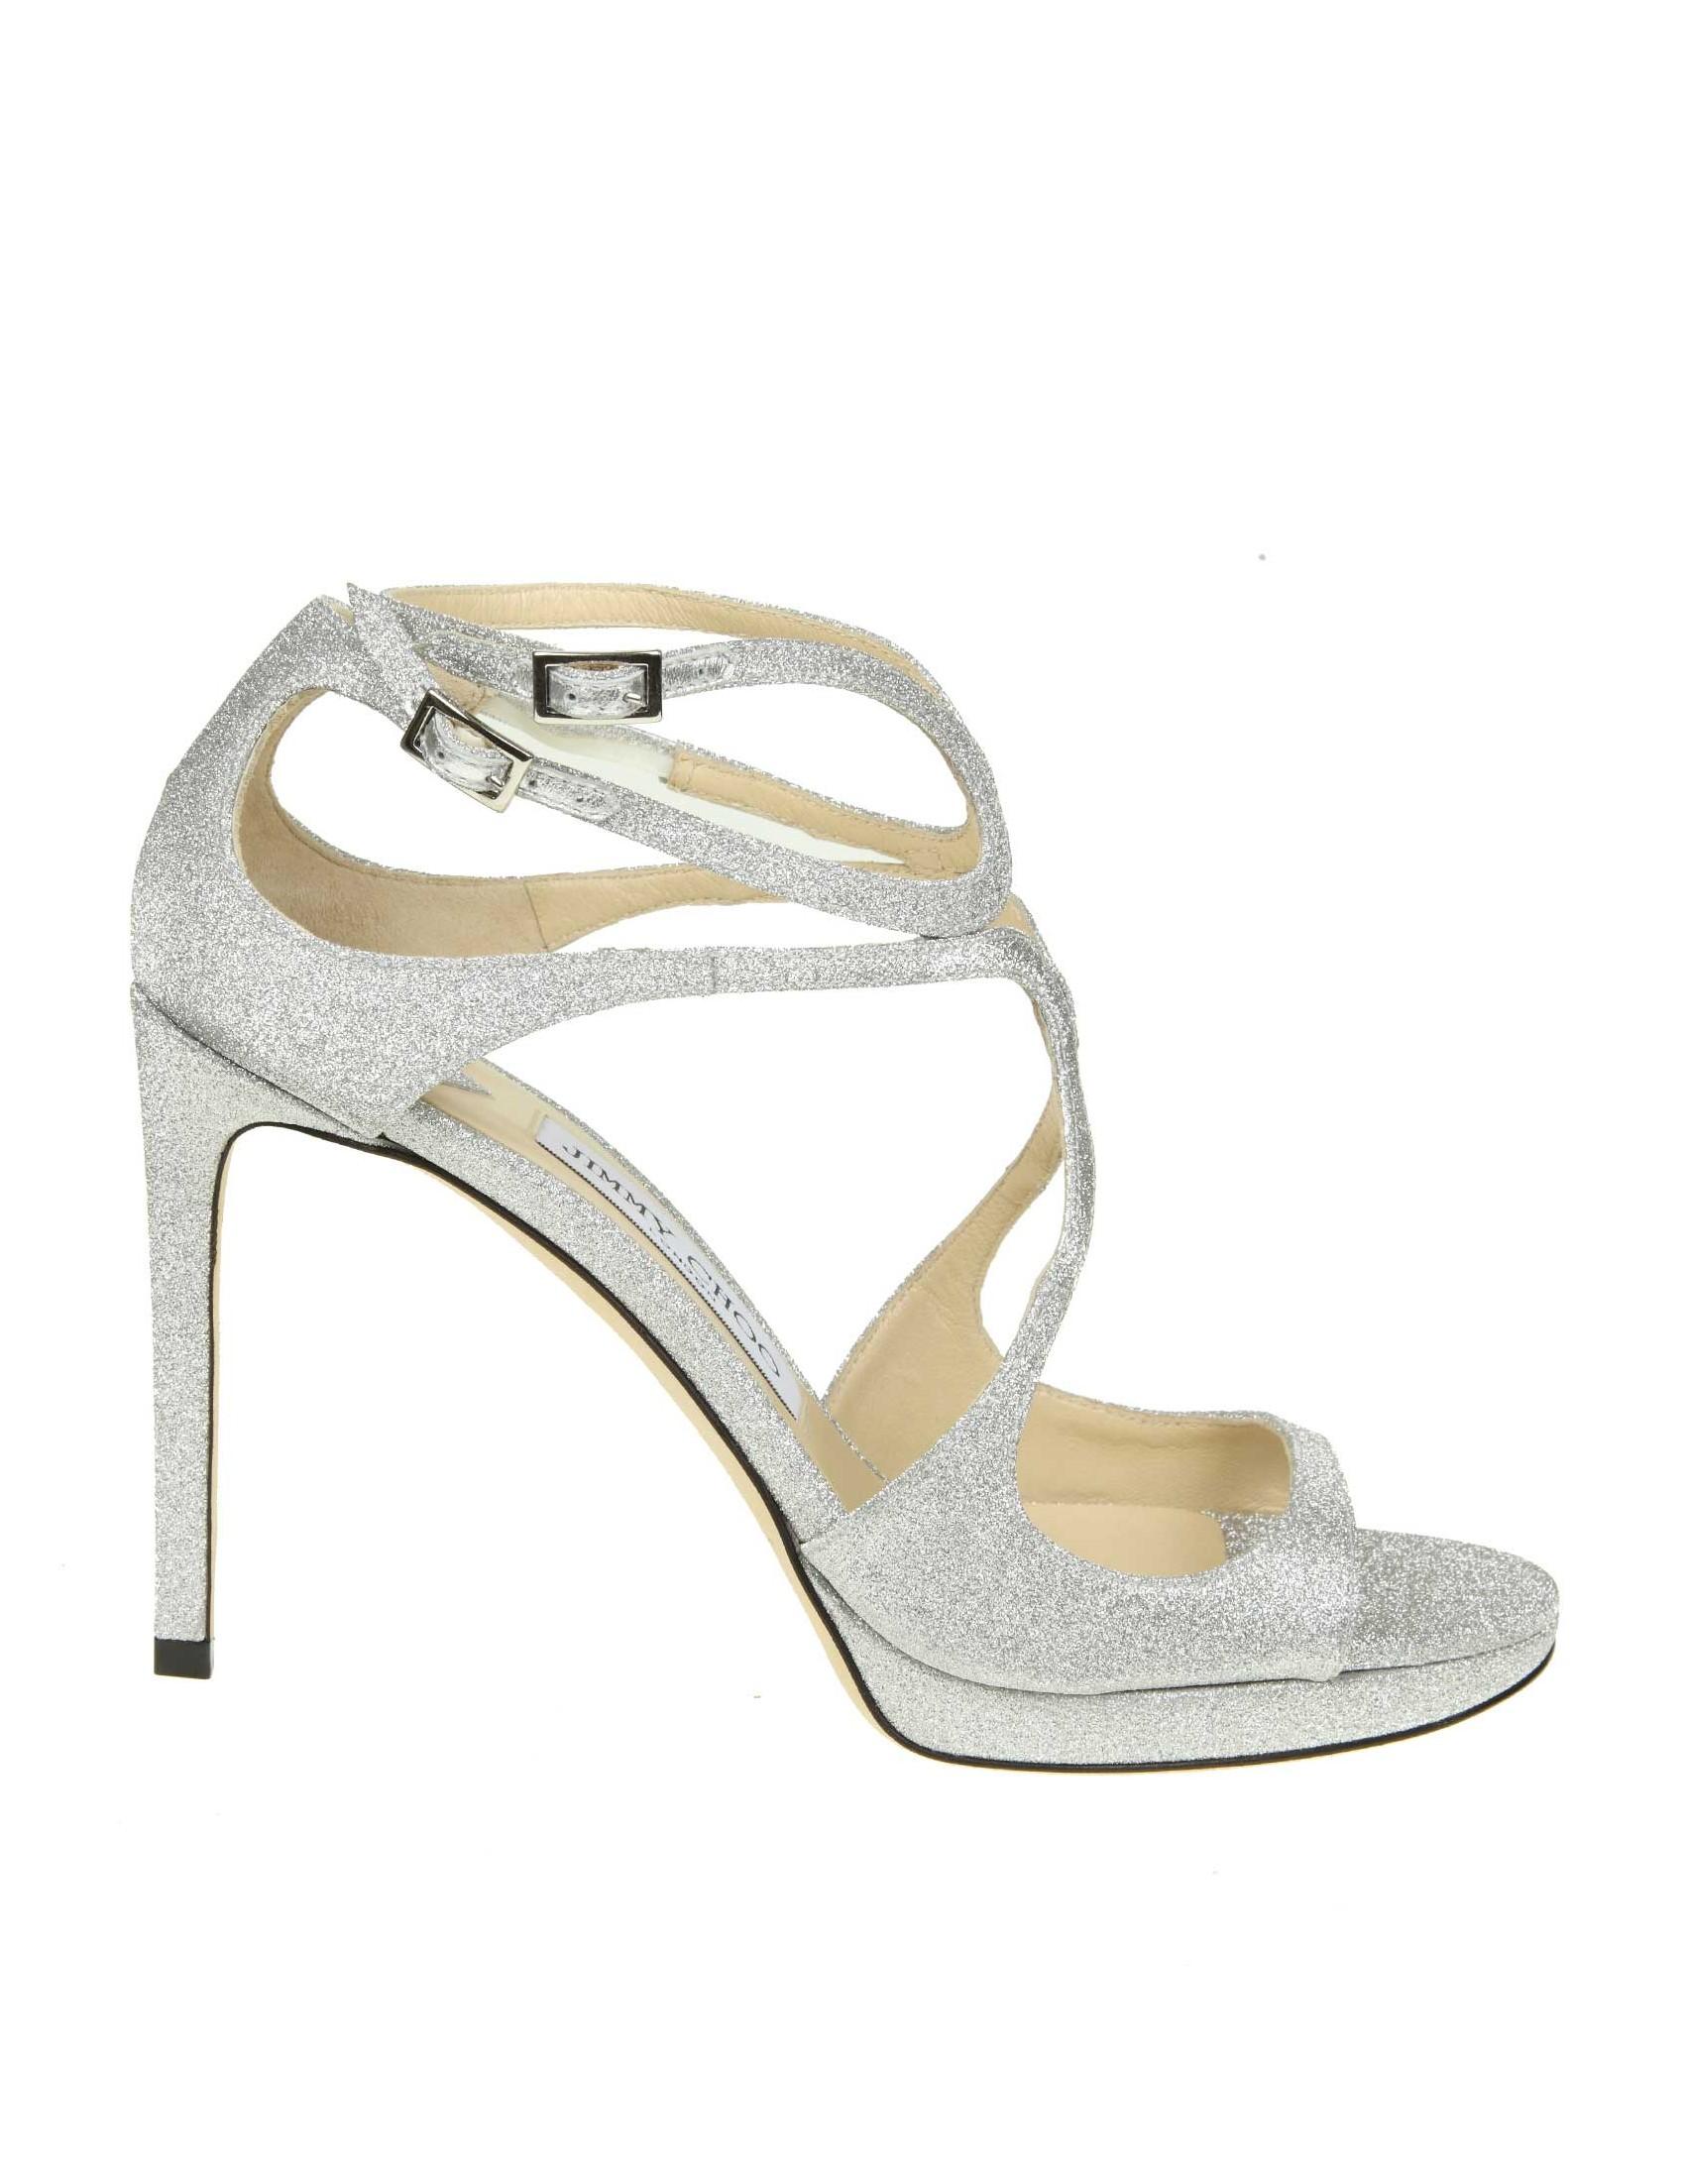 Choo Tessuto Jimmy In Colore Argento Sandalo 100 Glitterato Lace hxtsrCQd